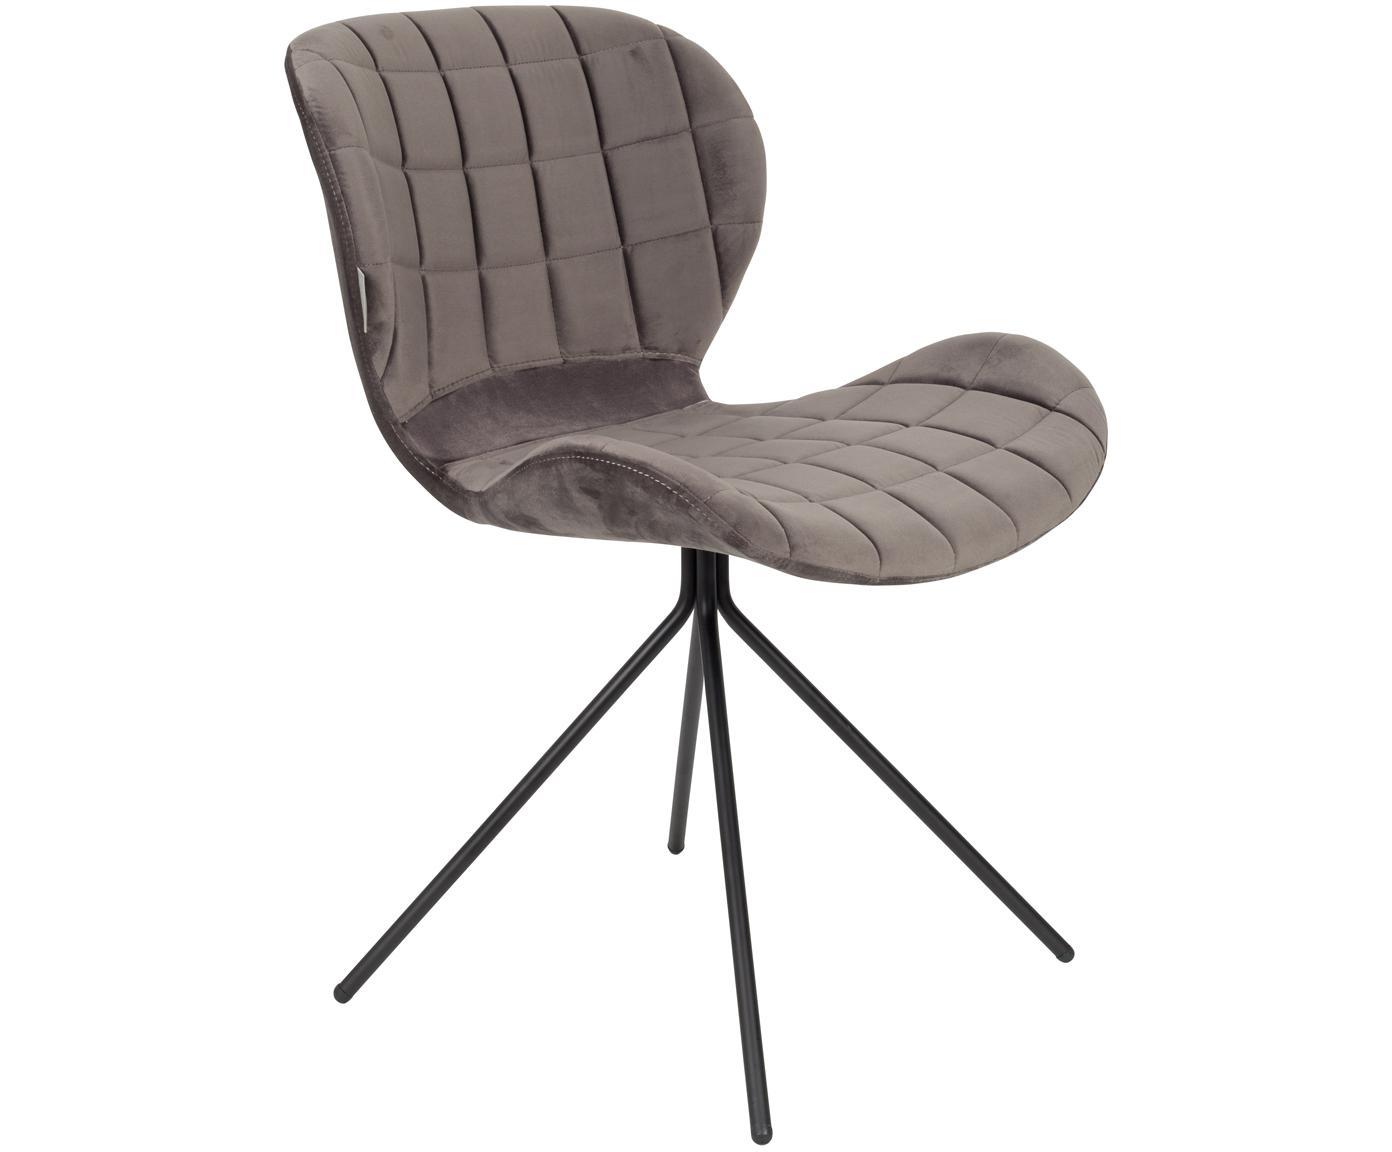 Fluwelen stoel OMG, Bekleding: polyester fluweel, Frame: gepoedercoat staal, Frame: multiplex, Bekleding: grijs. Poten: zwart, 51 x 80 cm